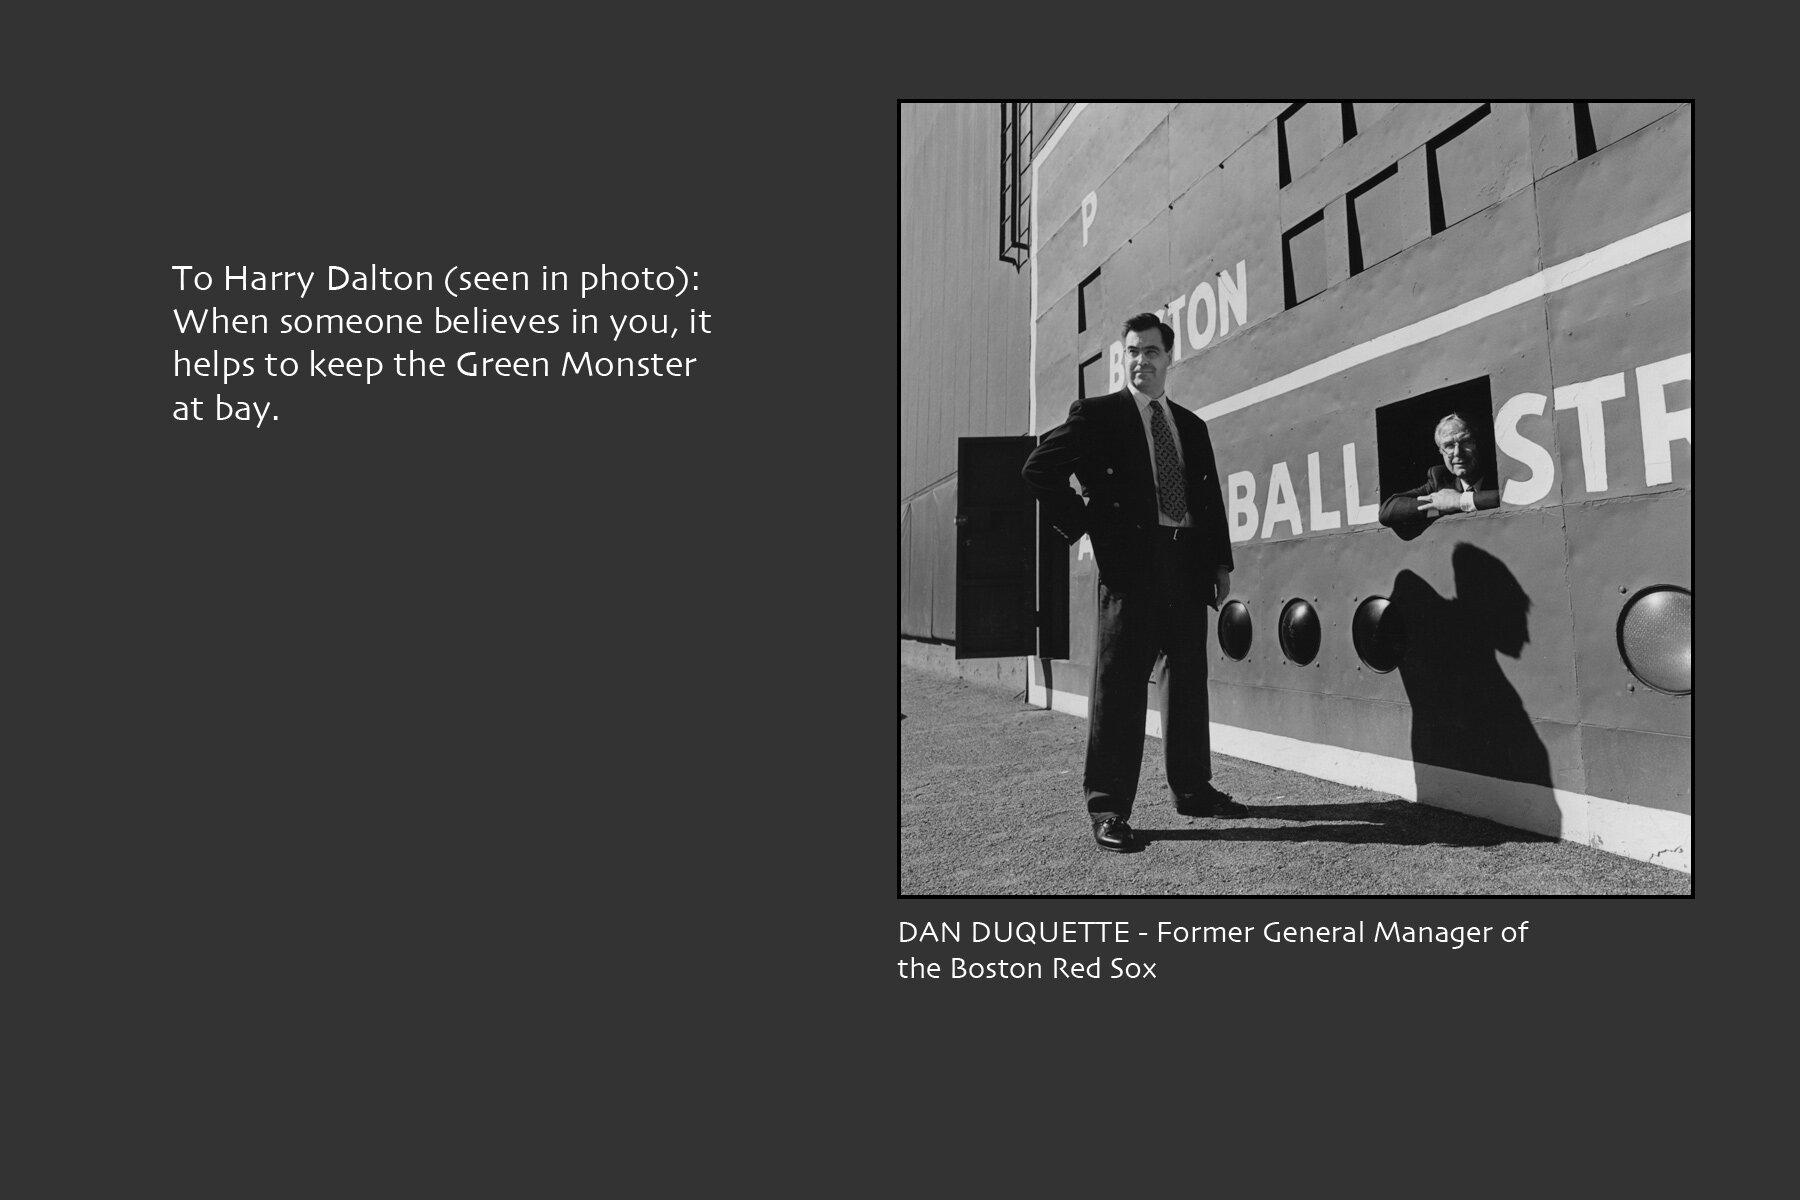 25-Mentors-Dan-Duquette-tsar-fedorsky.jpg